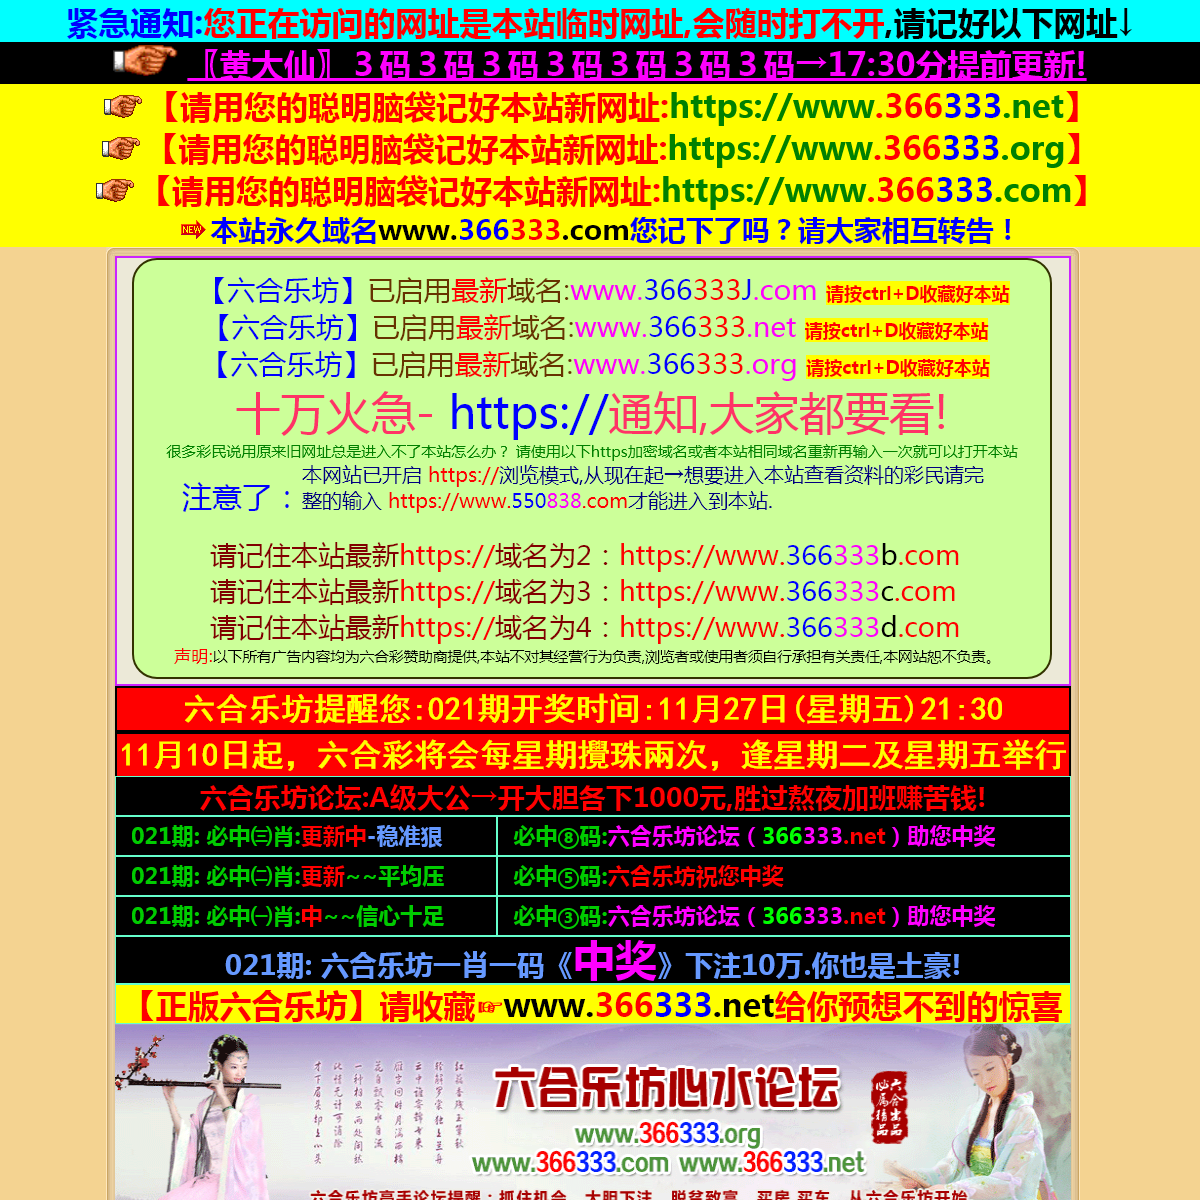 挂牌藏宝图彩图-挂牌藏宝图5555234-挂牌藏宝图-28249挂牌藏宝图-香港挂牌藏宝图